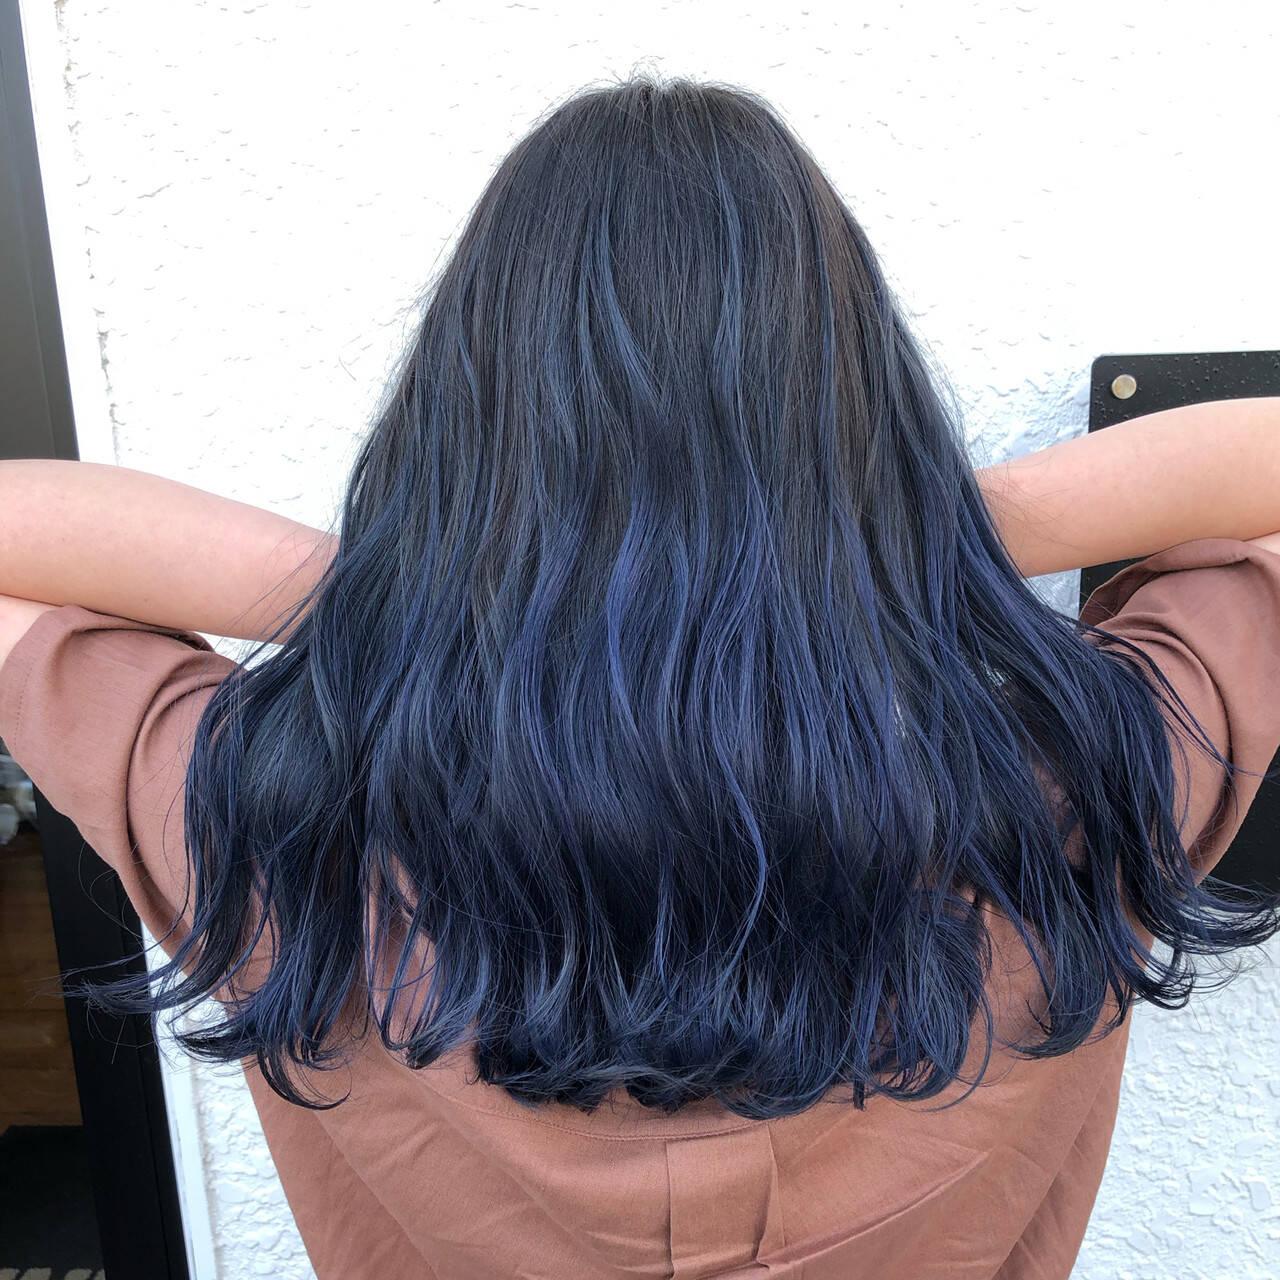 ブルー バレイヤージュ ブリーチ 外国人風カラーヘアスタイルや髪型の写真・画像